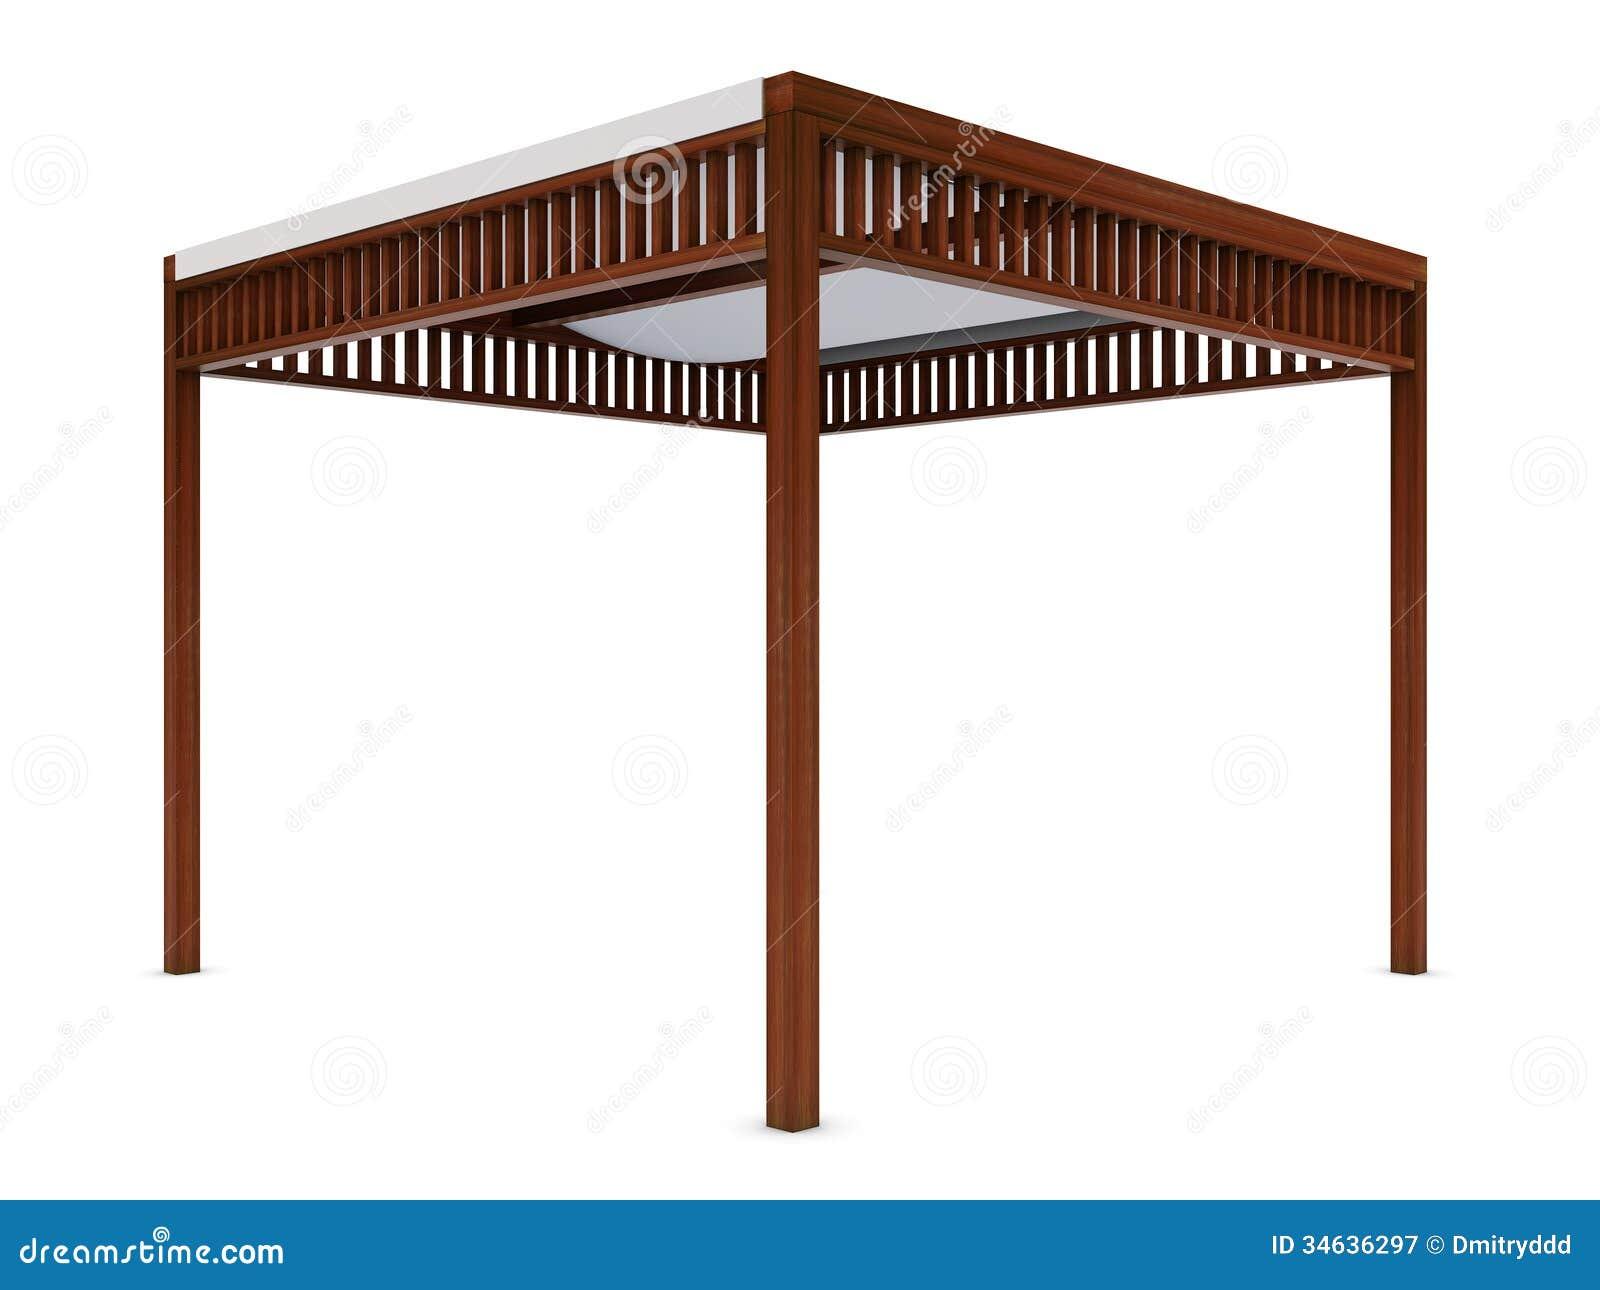 Design Wooden Pergola On The White Royalty Free Stock ...